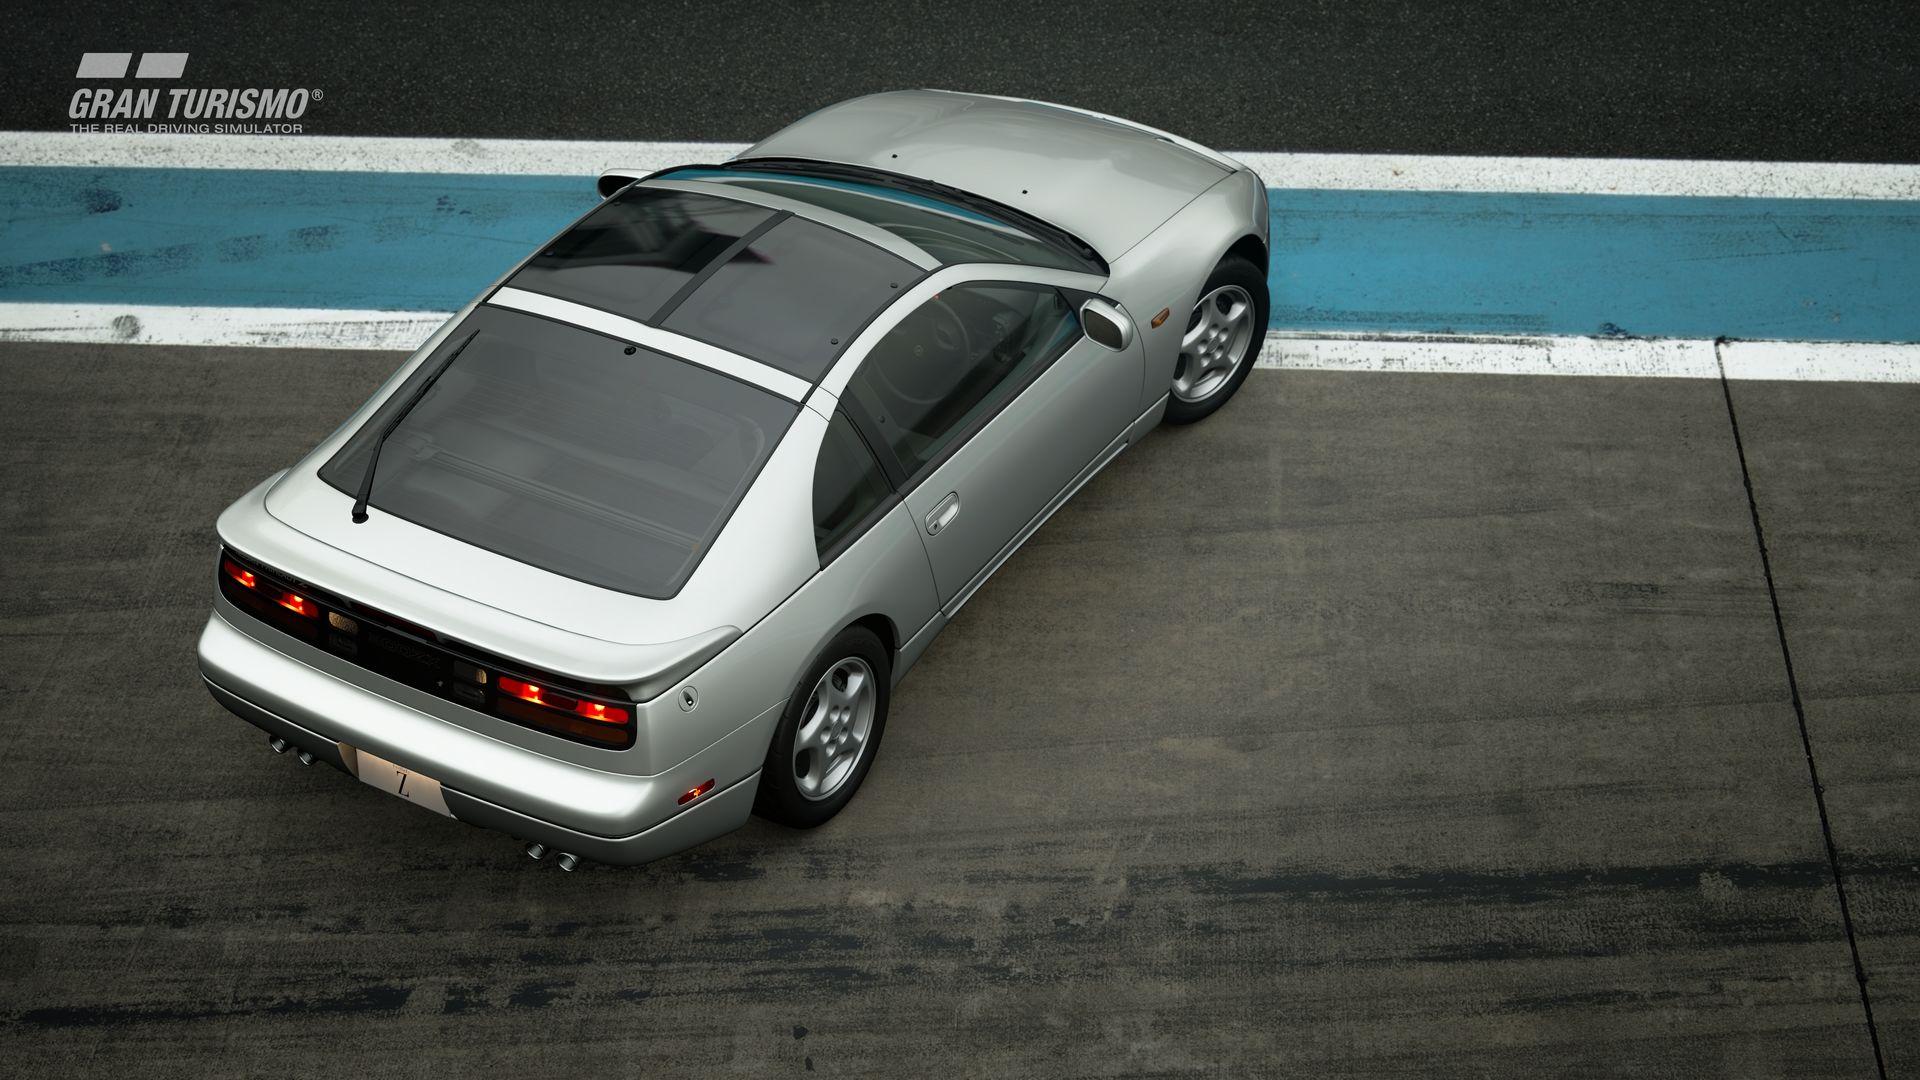 Gran Turismo Sport September Update Nissan Fairlady Z 300ZX TwinTurbo 2 seater (Z32) '89 (N300) 2